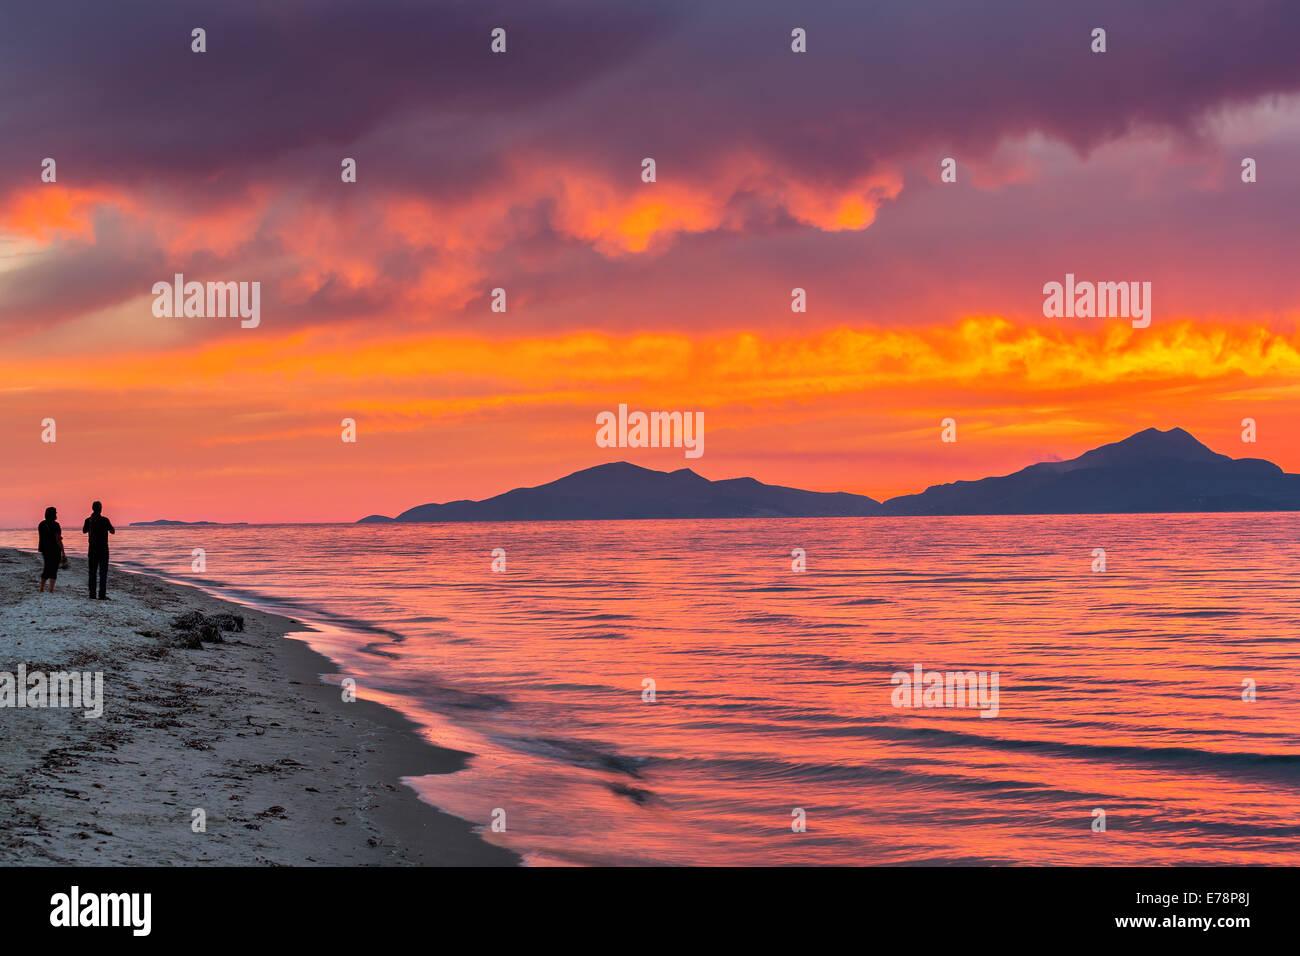 Tramonto sul mare in Grecia Immagini Stock